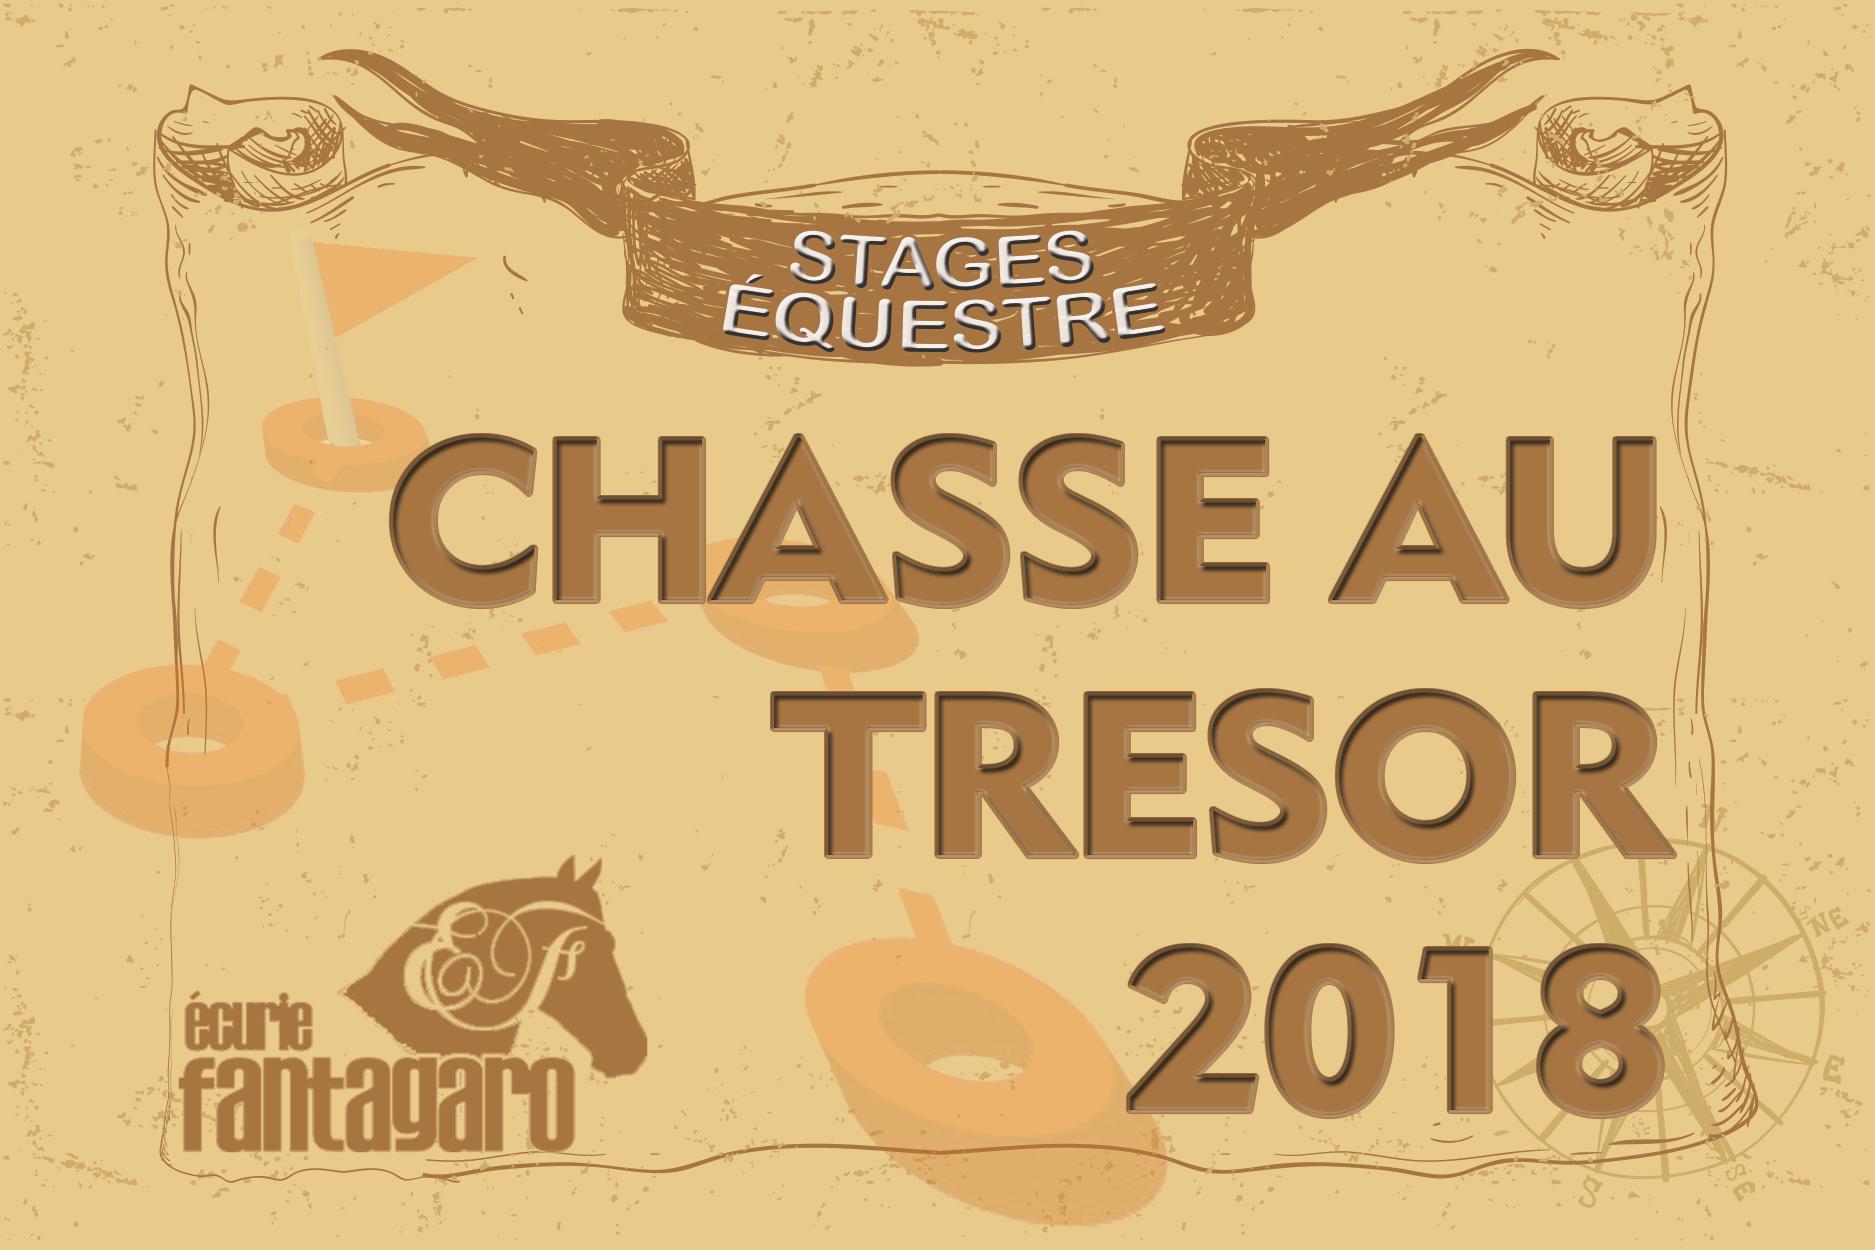 chasse tresor stage paques ecurie fantagaro - STAGES équestre durant les  Vacances de Pâques 2018 - STAGES équestre durant les vacances de Pâques 2018 - top-important, premiere-page, actualites-ecurie-fantagaro, actualites-ecole-equitation-ecurie-fantagaro, 2018-ecurie-fantagaro-2, 2018-ecurie-fantagaro - Stages équitation 64 Pyrénées-Atlantiques, Stage équestre Vacance, stage équestre, écurie Fantagaro, école équitation côte basque, ecole equitation, chevaux 64, Centres équestres en Pyrénées Atlantiques (64), Centres équestres, centre equitation, centre equestre saint jean de luz, Centre équestre Pyrénées Atlantiques 64, centre equestre prés de bayonne (64), Centre équestre Ecurie Fantagaro, Centre équestre Ahetze, Centre équestre 64, apprendre equitation, ahetze chevaux